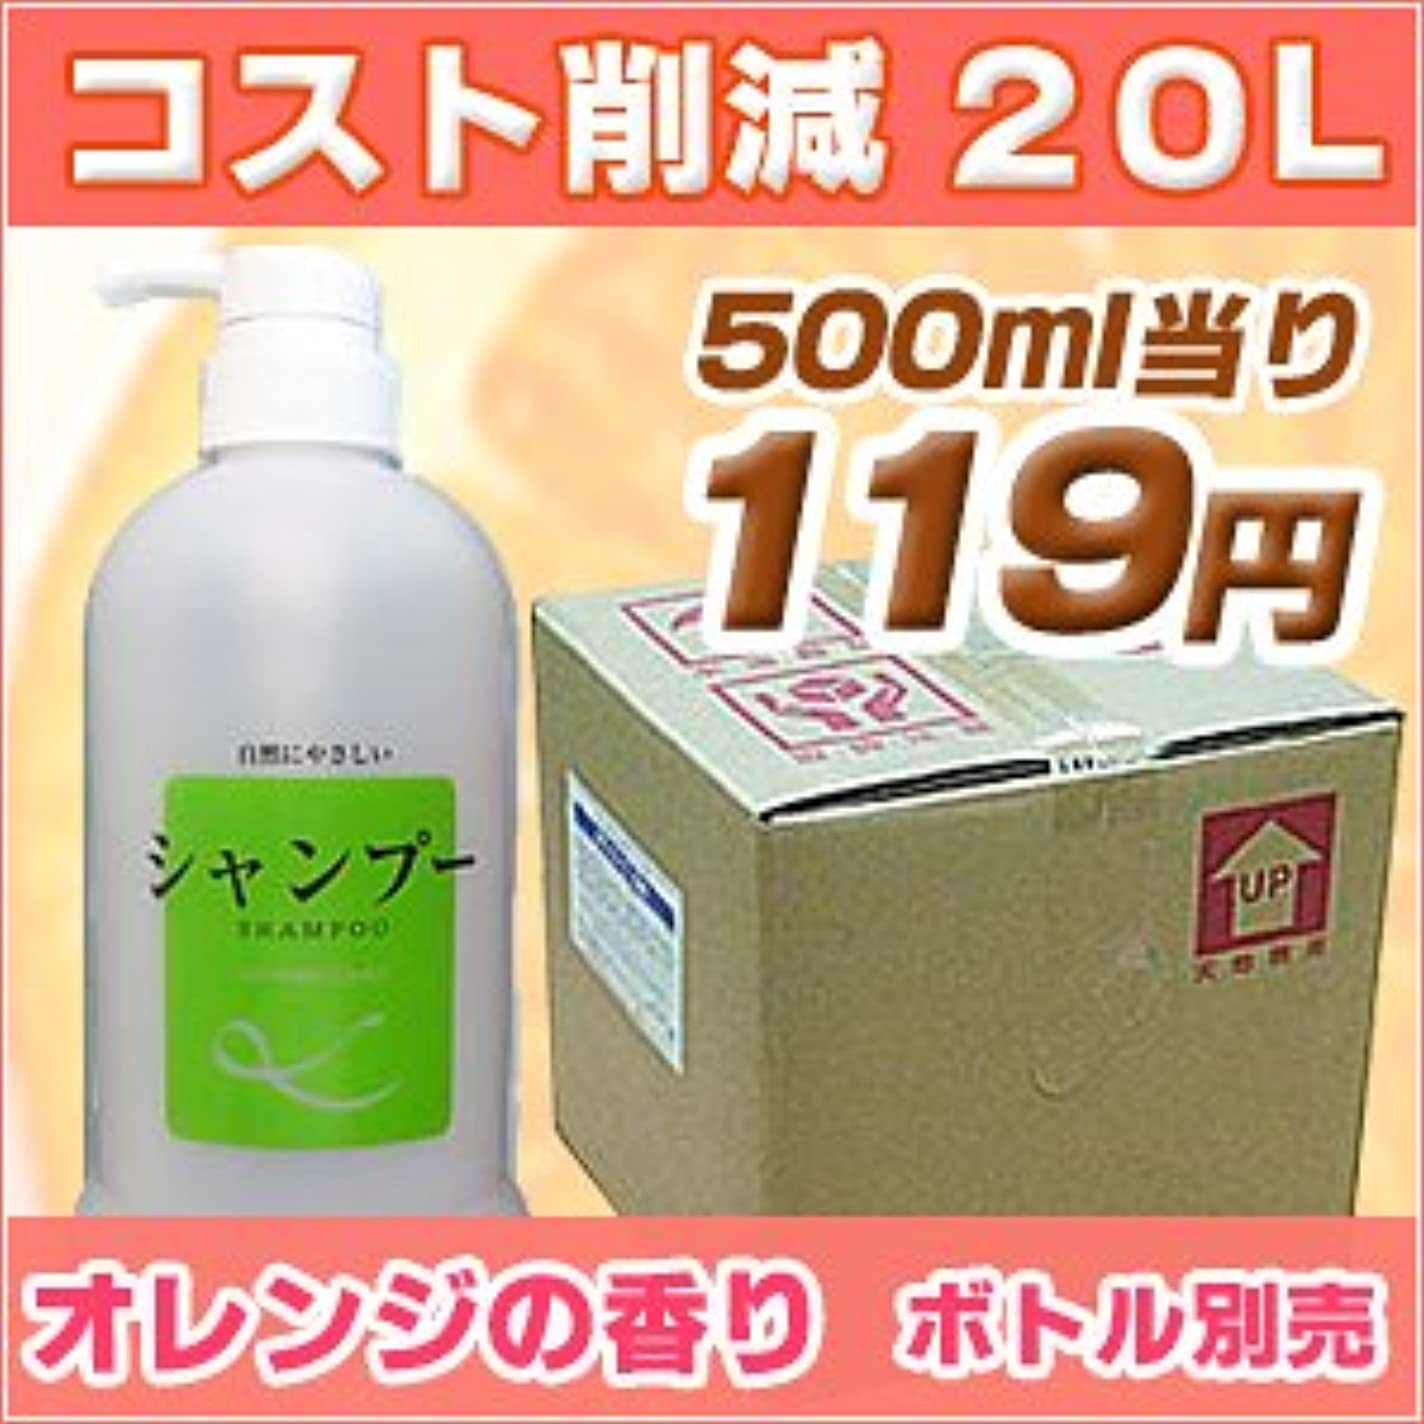 極端な床を掃除するテニス業務用 シャンプー Windhill 植物性オレンジの香り 20L(1セット20L入)